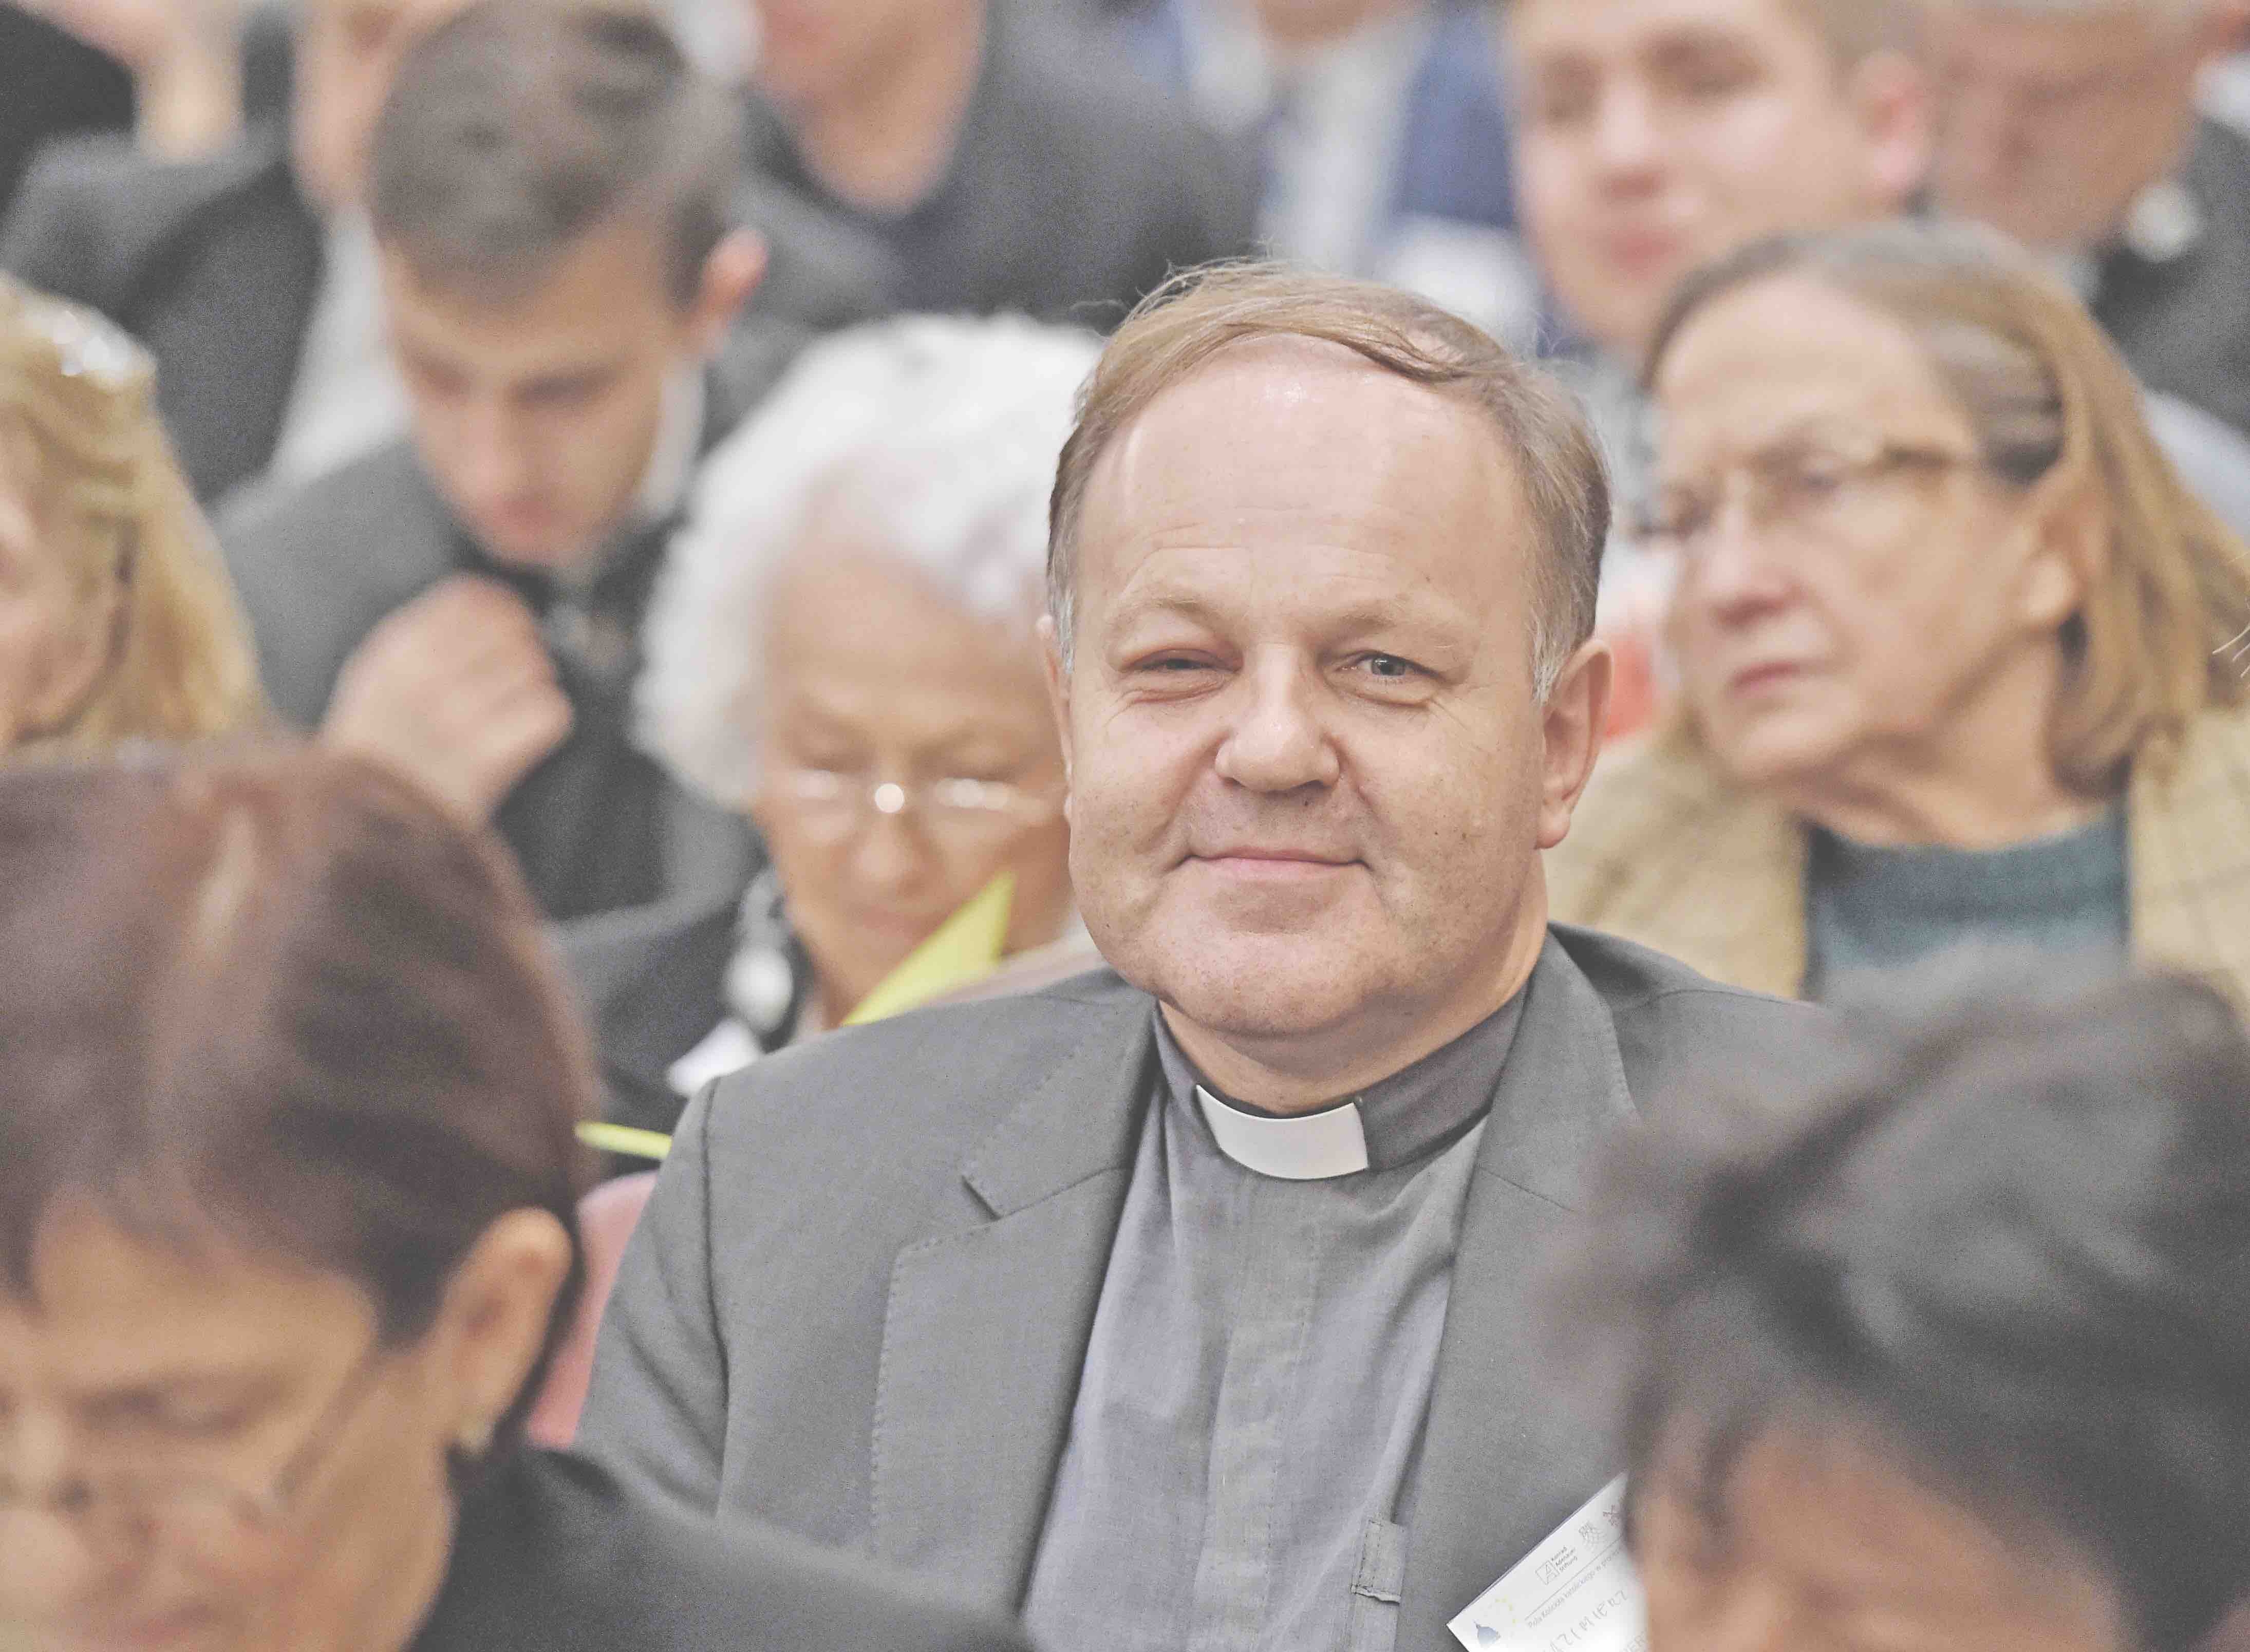 fot. Jacek Bednarczyk / PAP